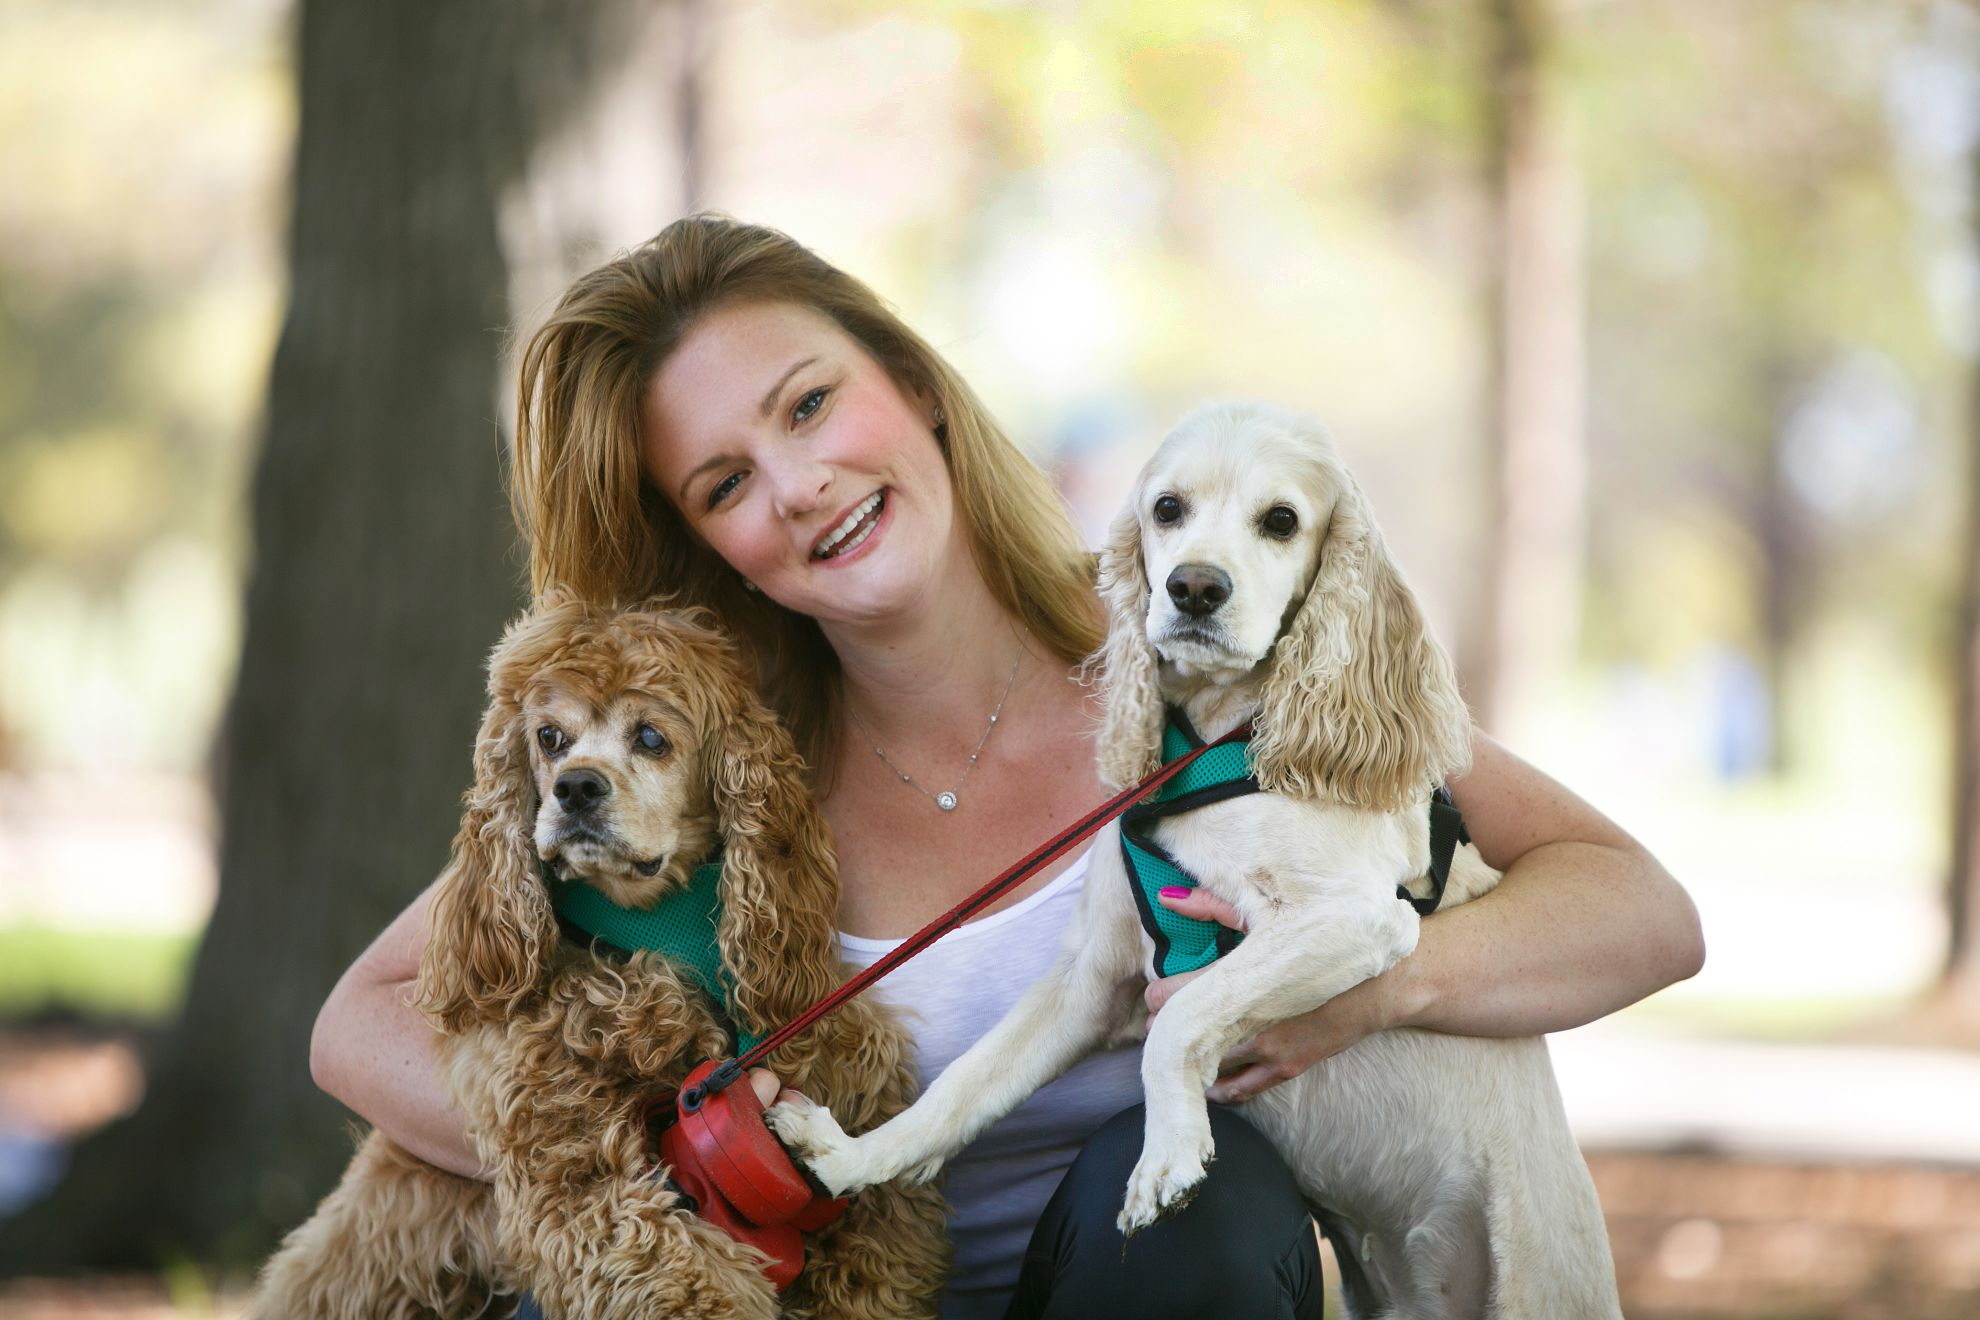 houston pet services - craigslist